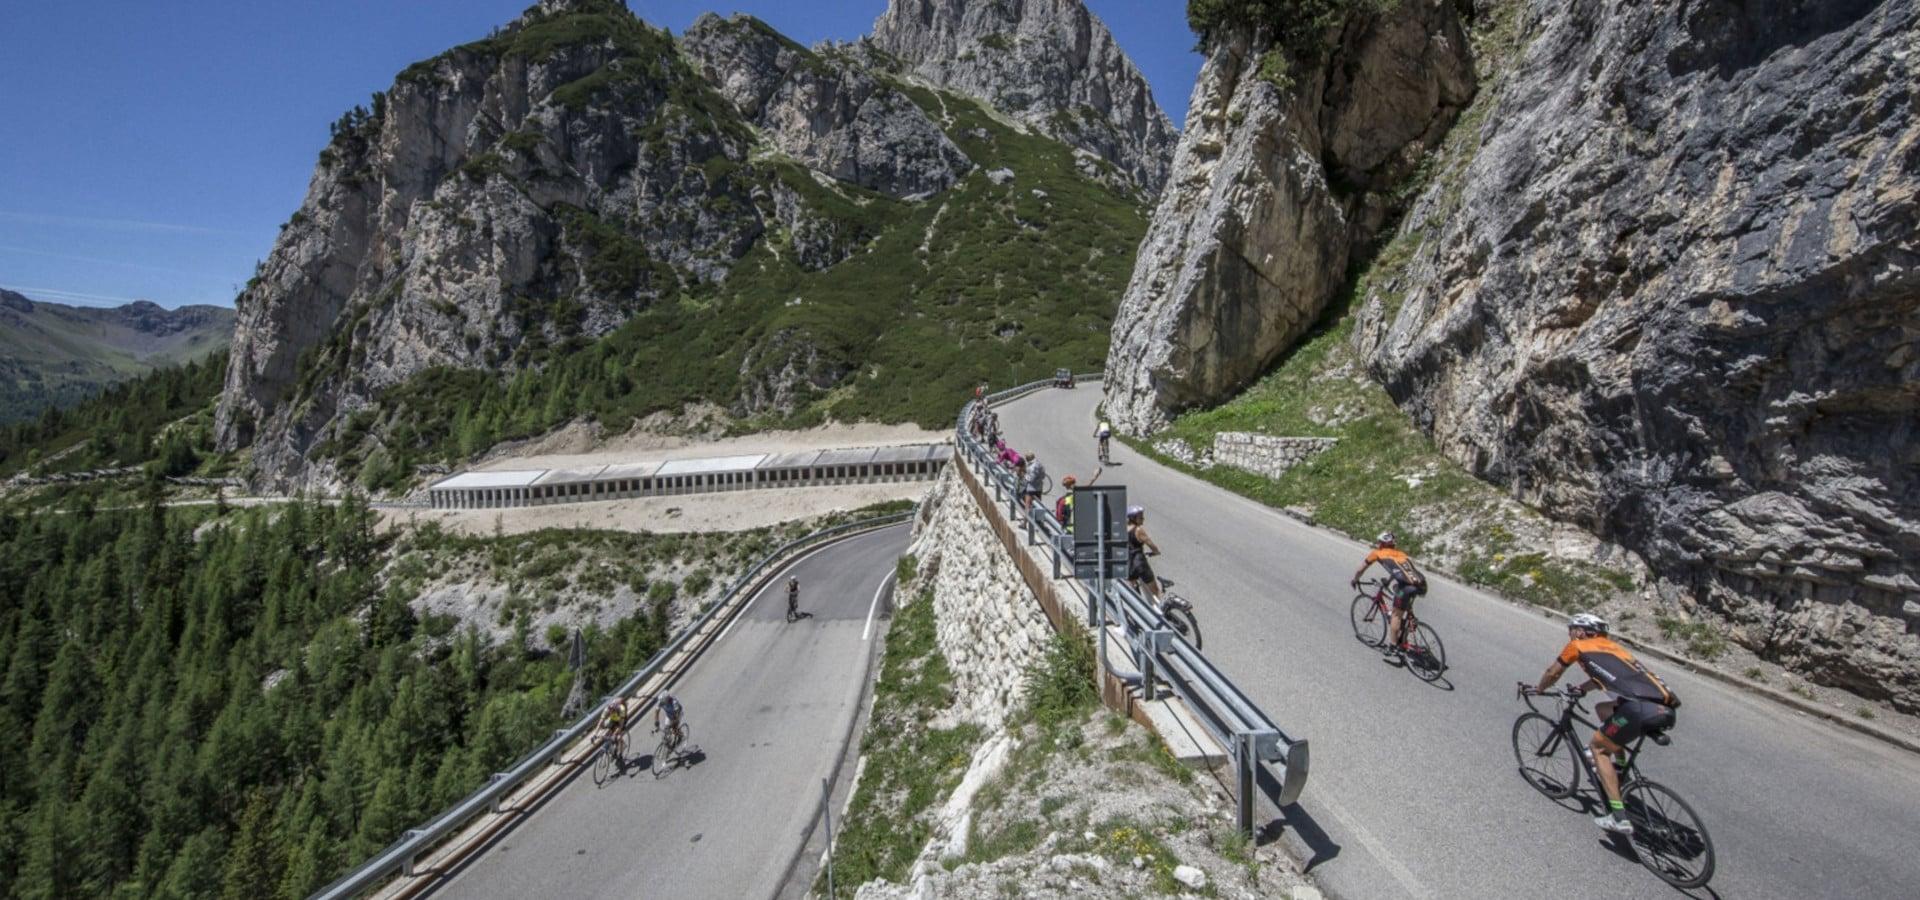 Passo falzarego - Sass de Stria - Passo Campolongo